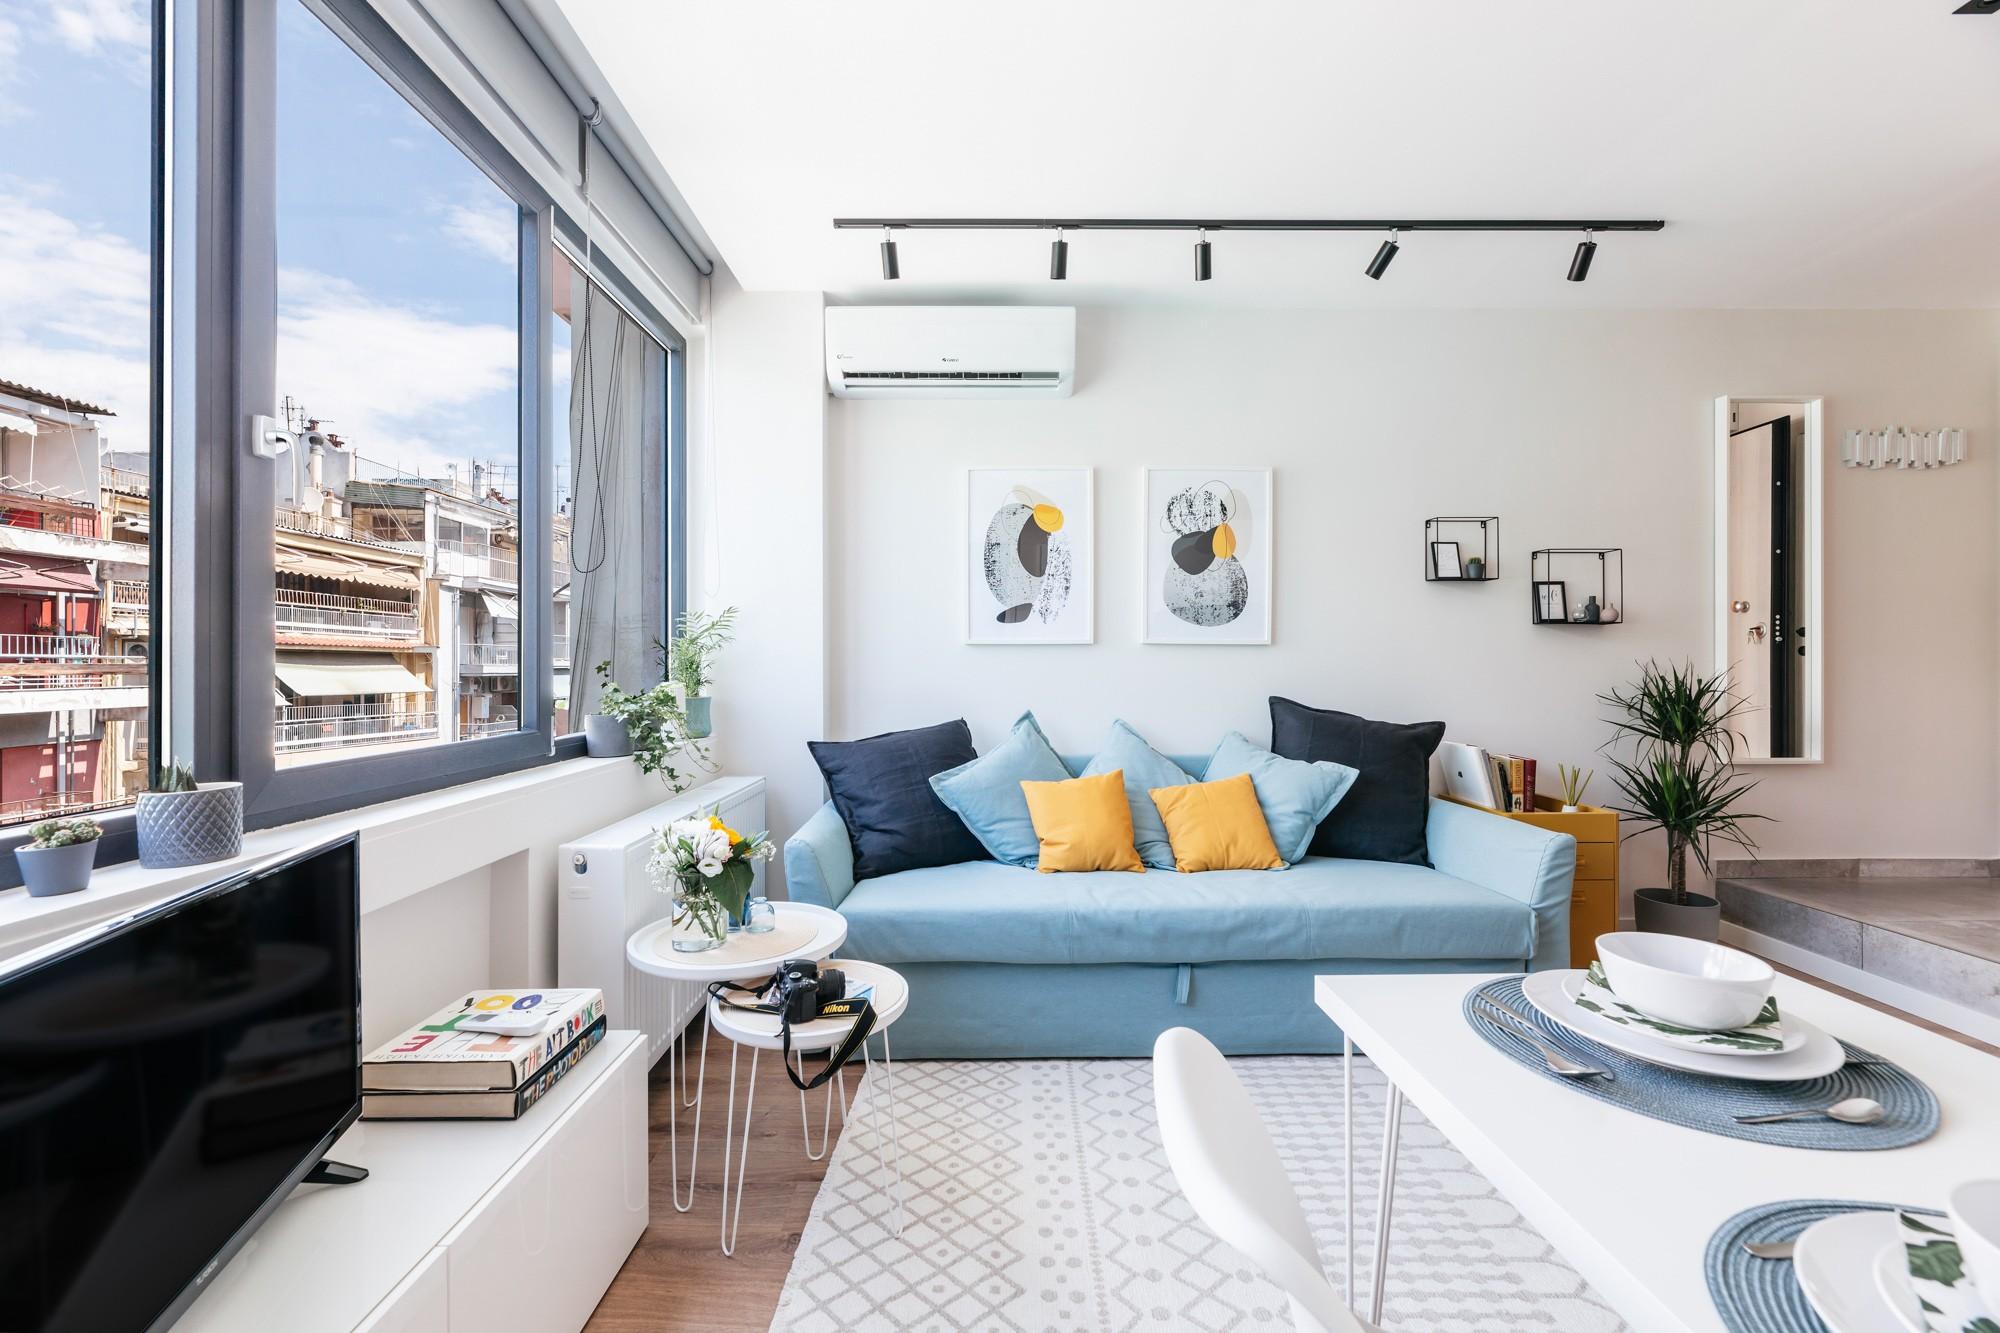 Επαγγελματική φωτογράφιση χώρων Airbnb